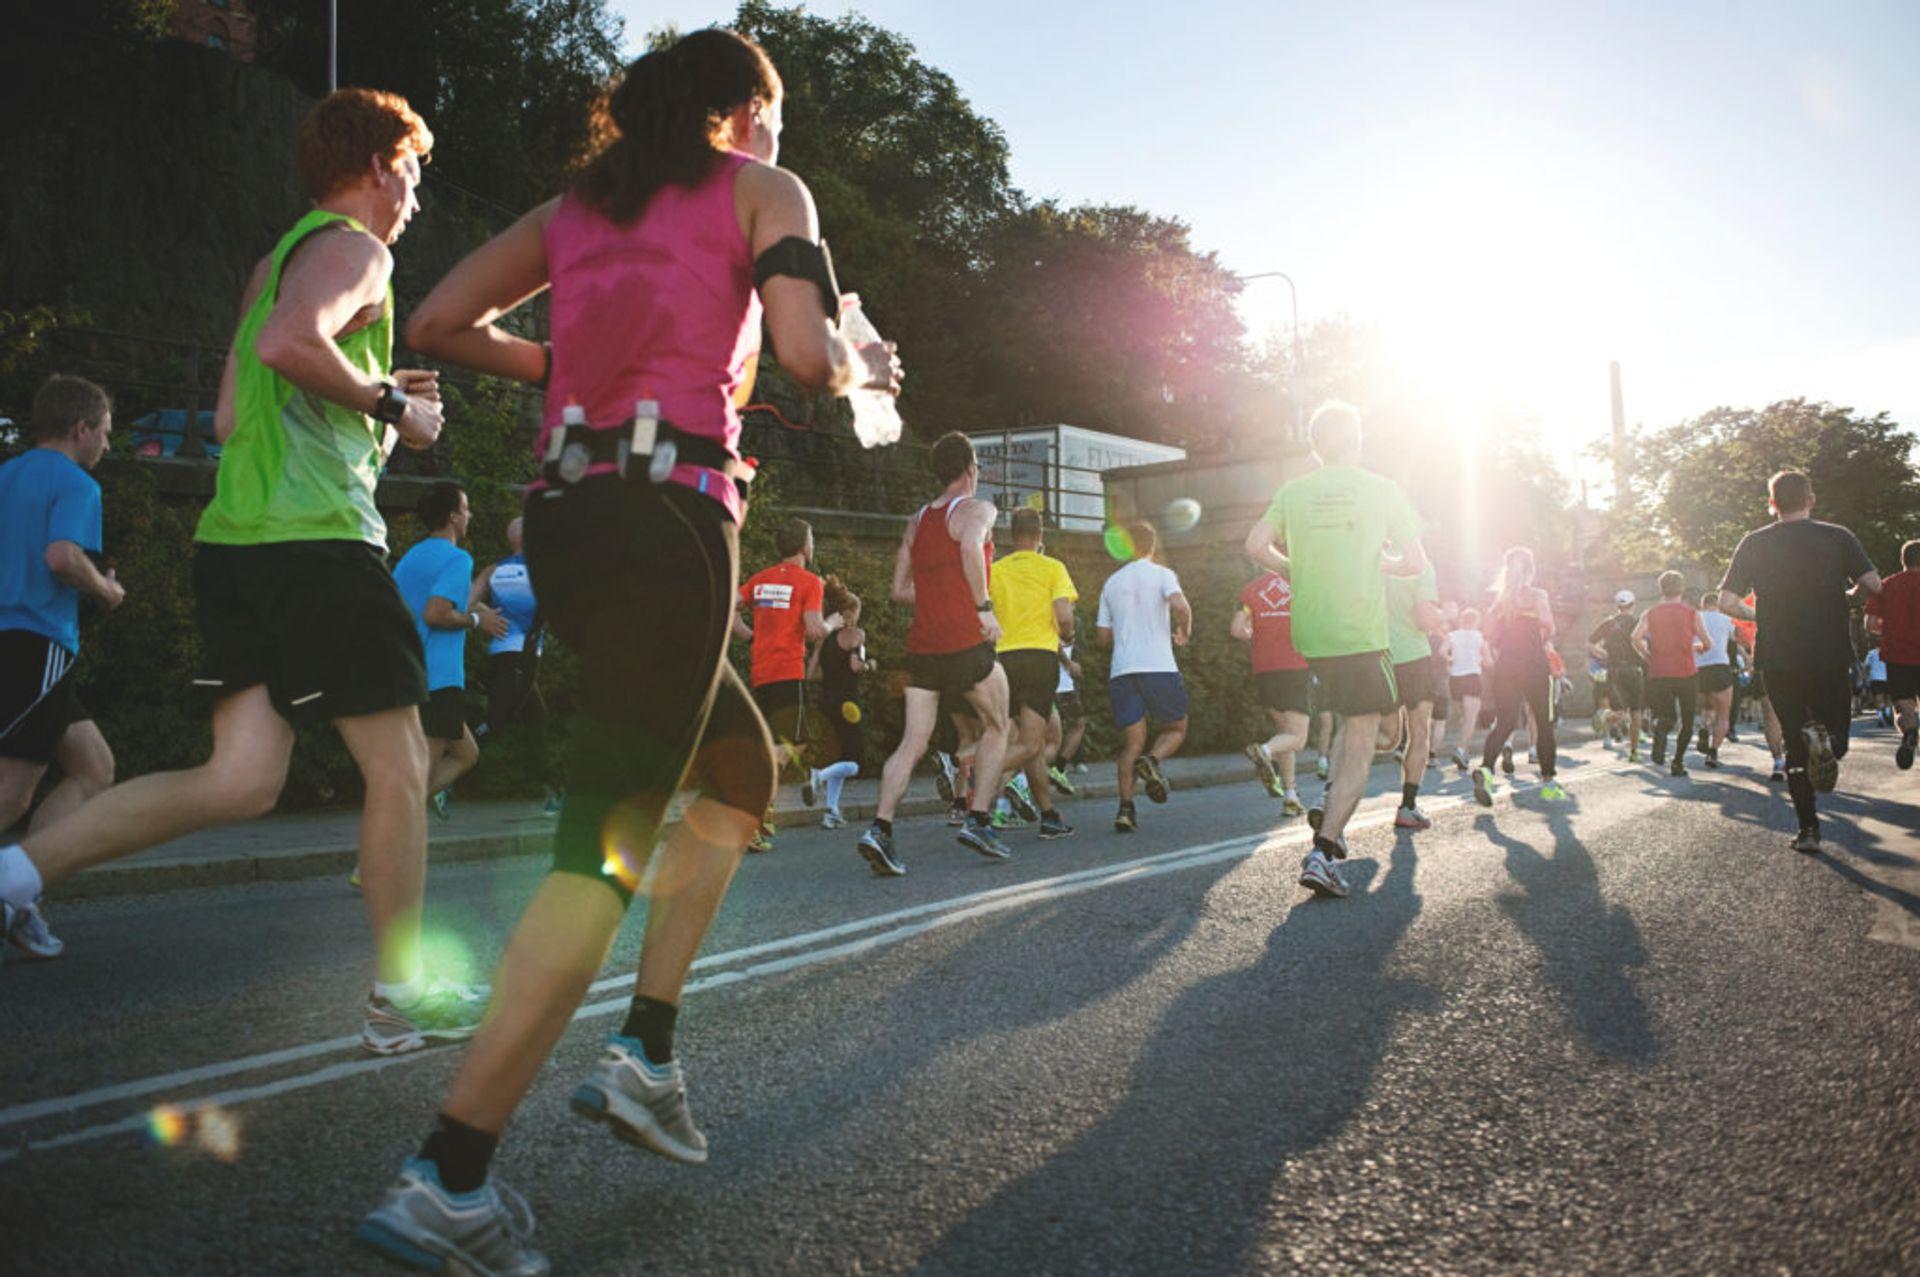 Men and women running a marathon.